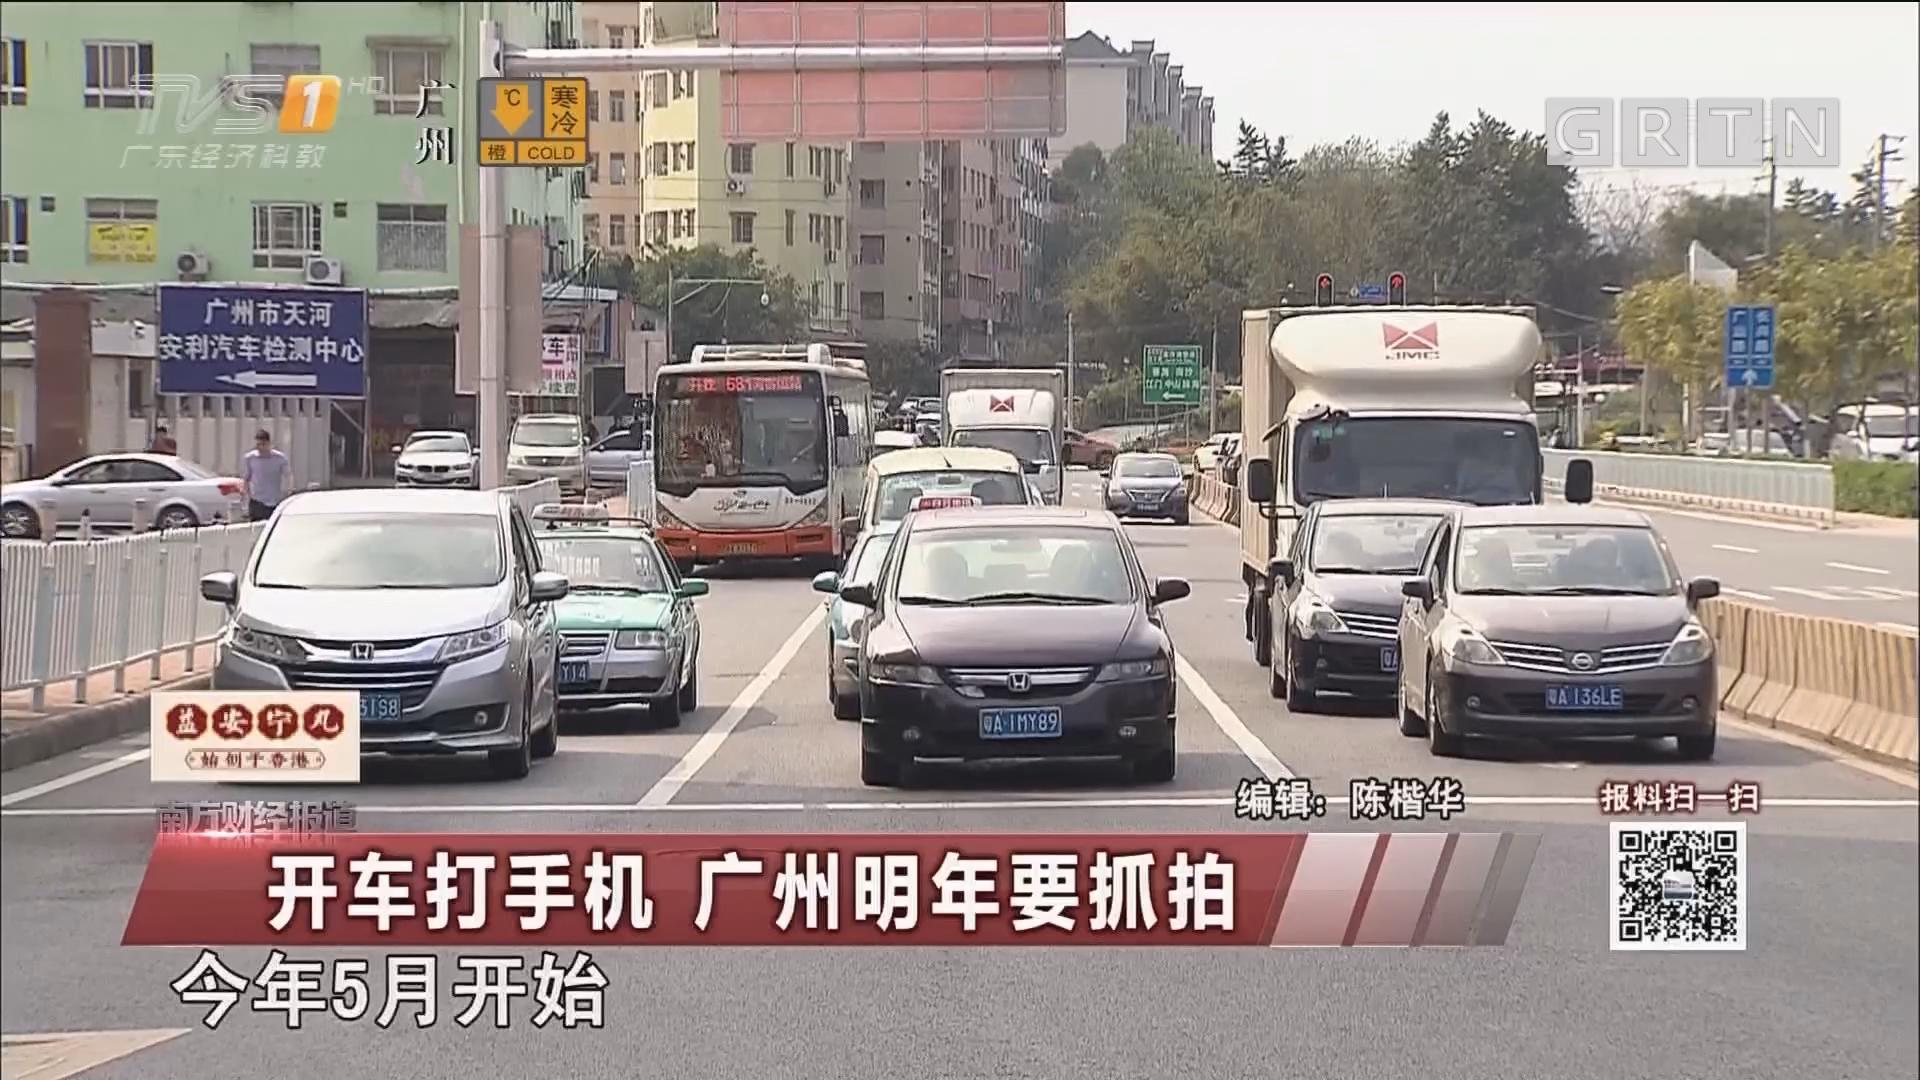 开车打手机 广州明年要抓拍